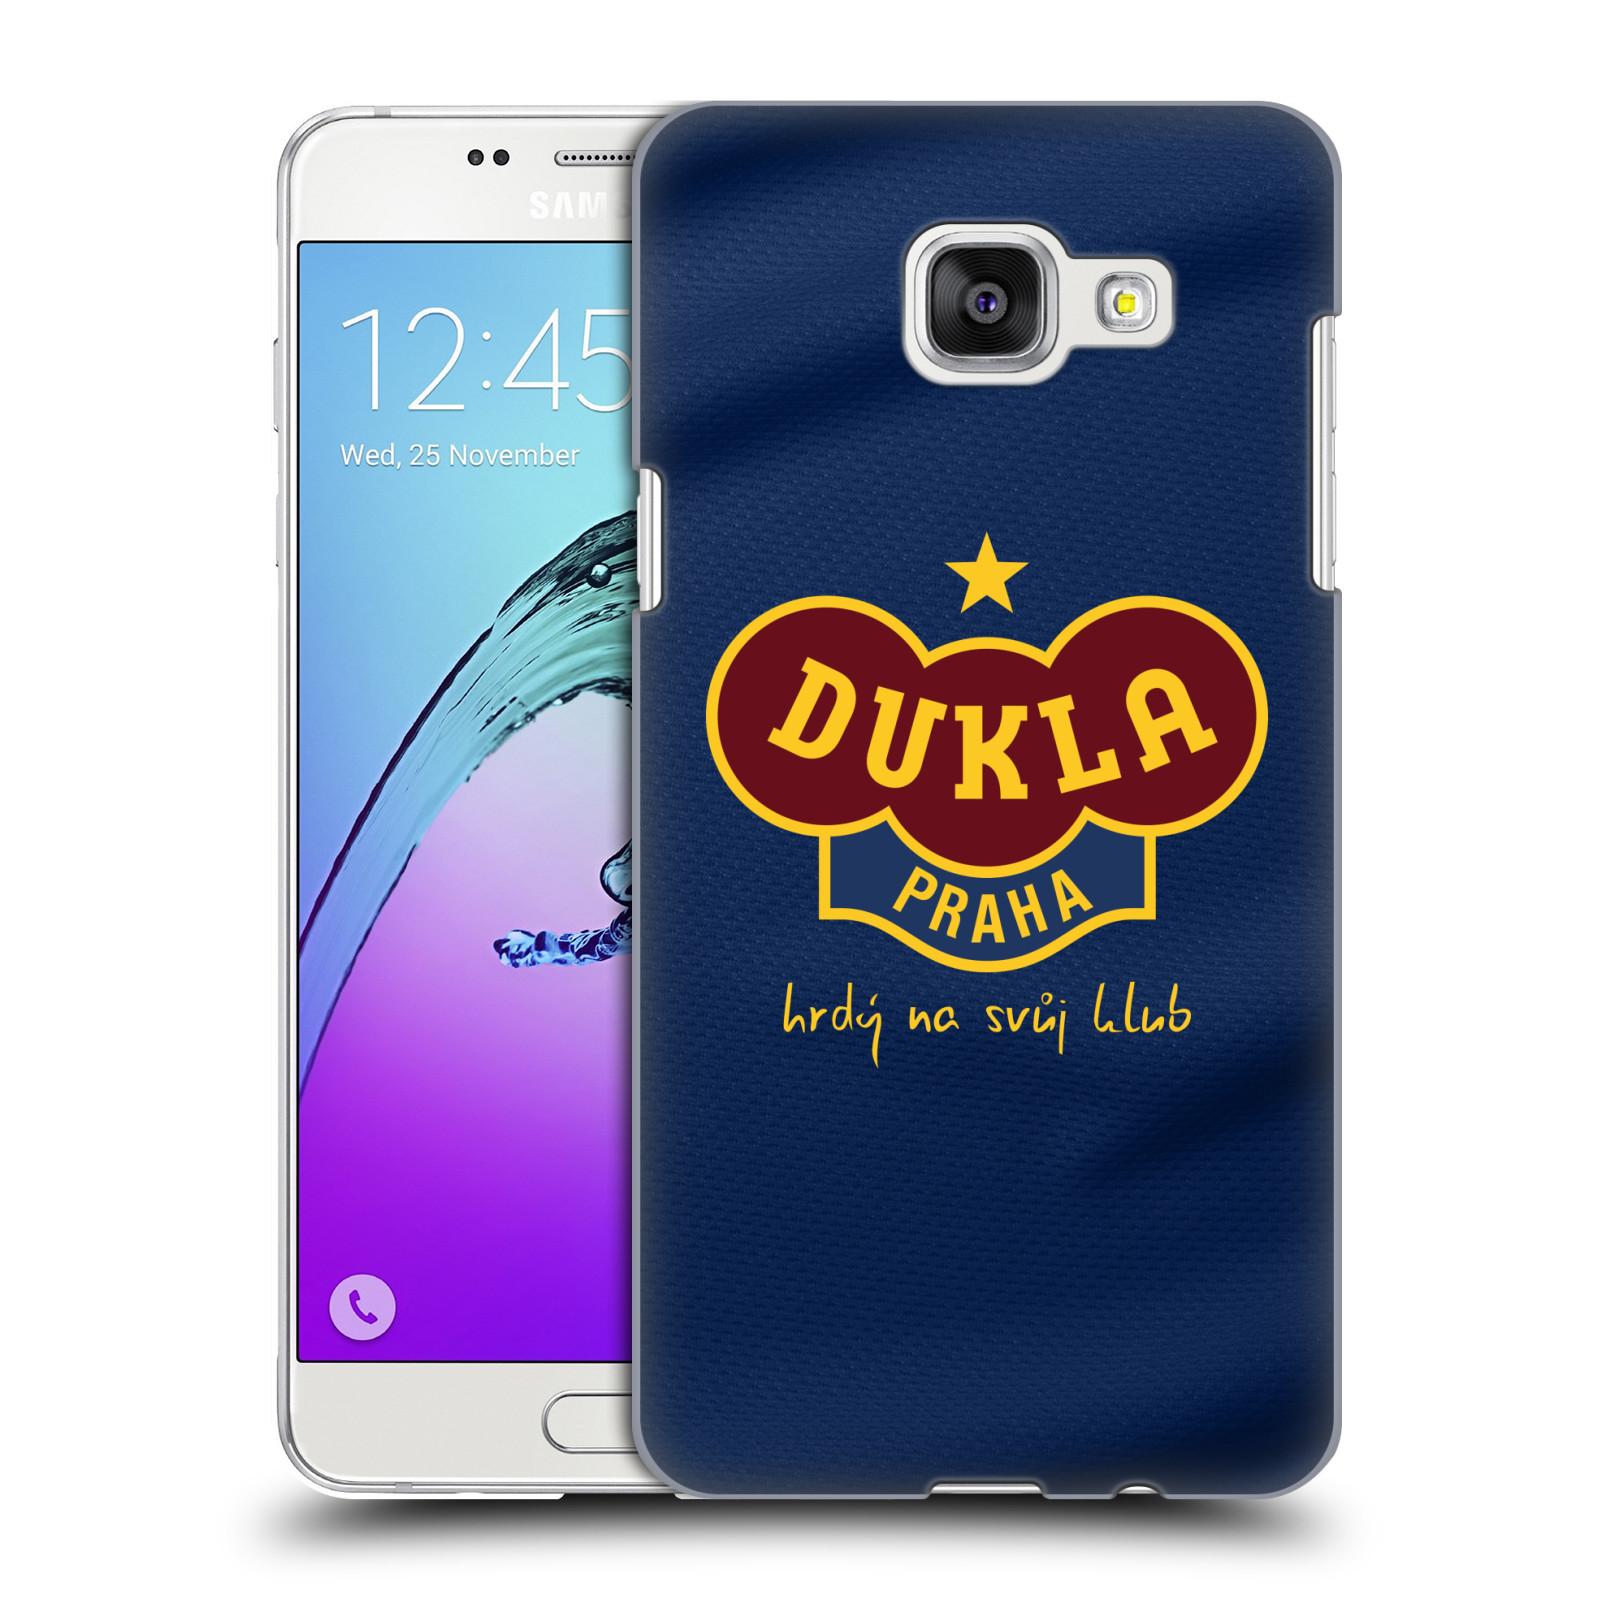 Plastové pouzdro na mobil Samsung Galaxy A5 (2016) - FK Dukla Praha - Modrý dres